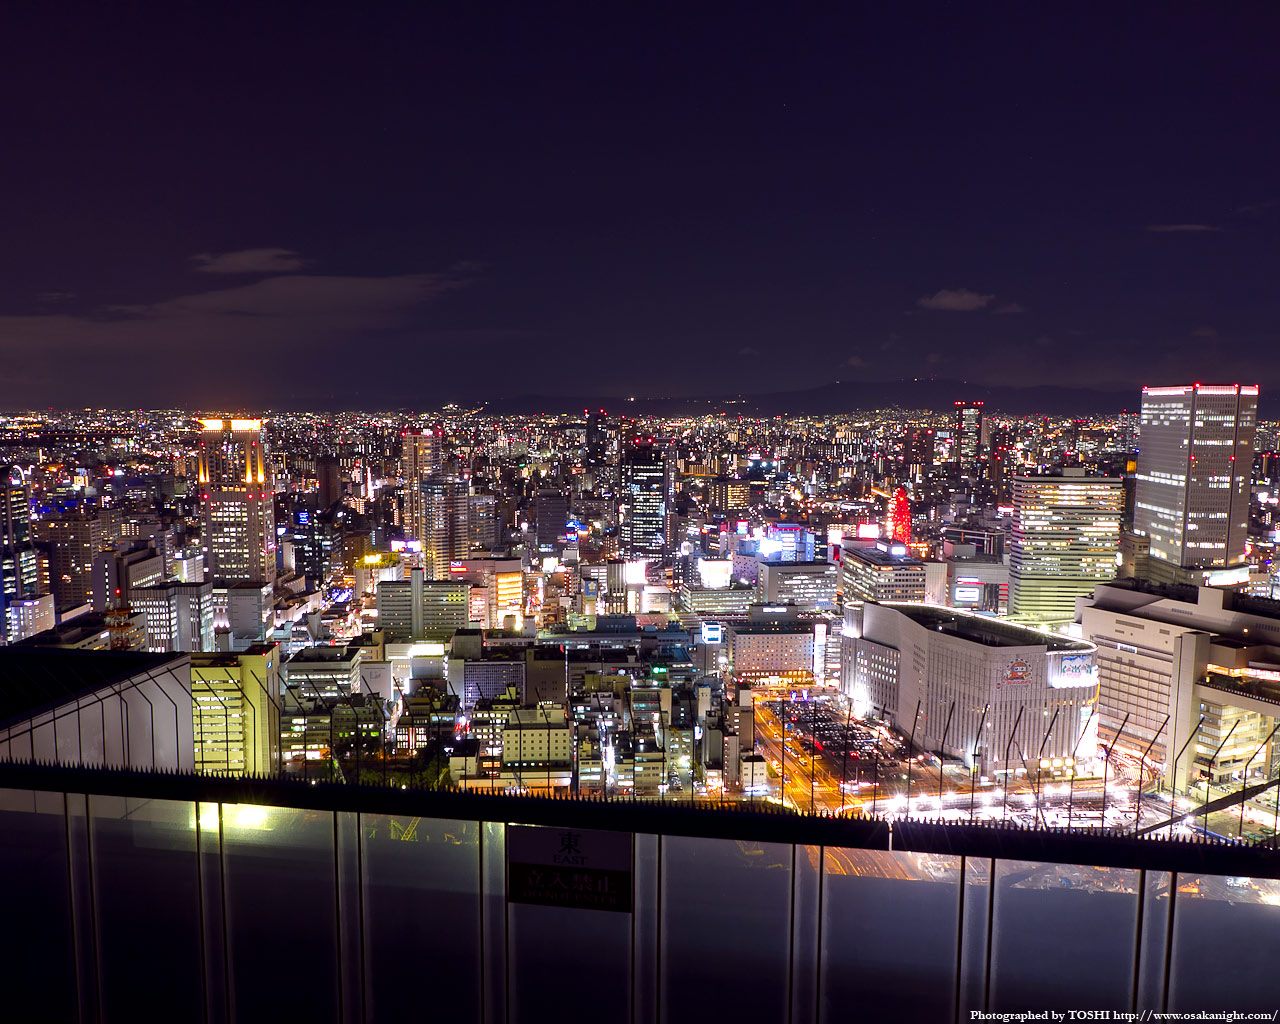 東方向茶屋町〜阪急梅田駅方面の夜景